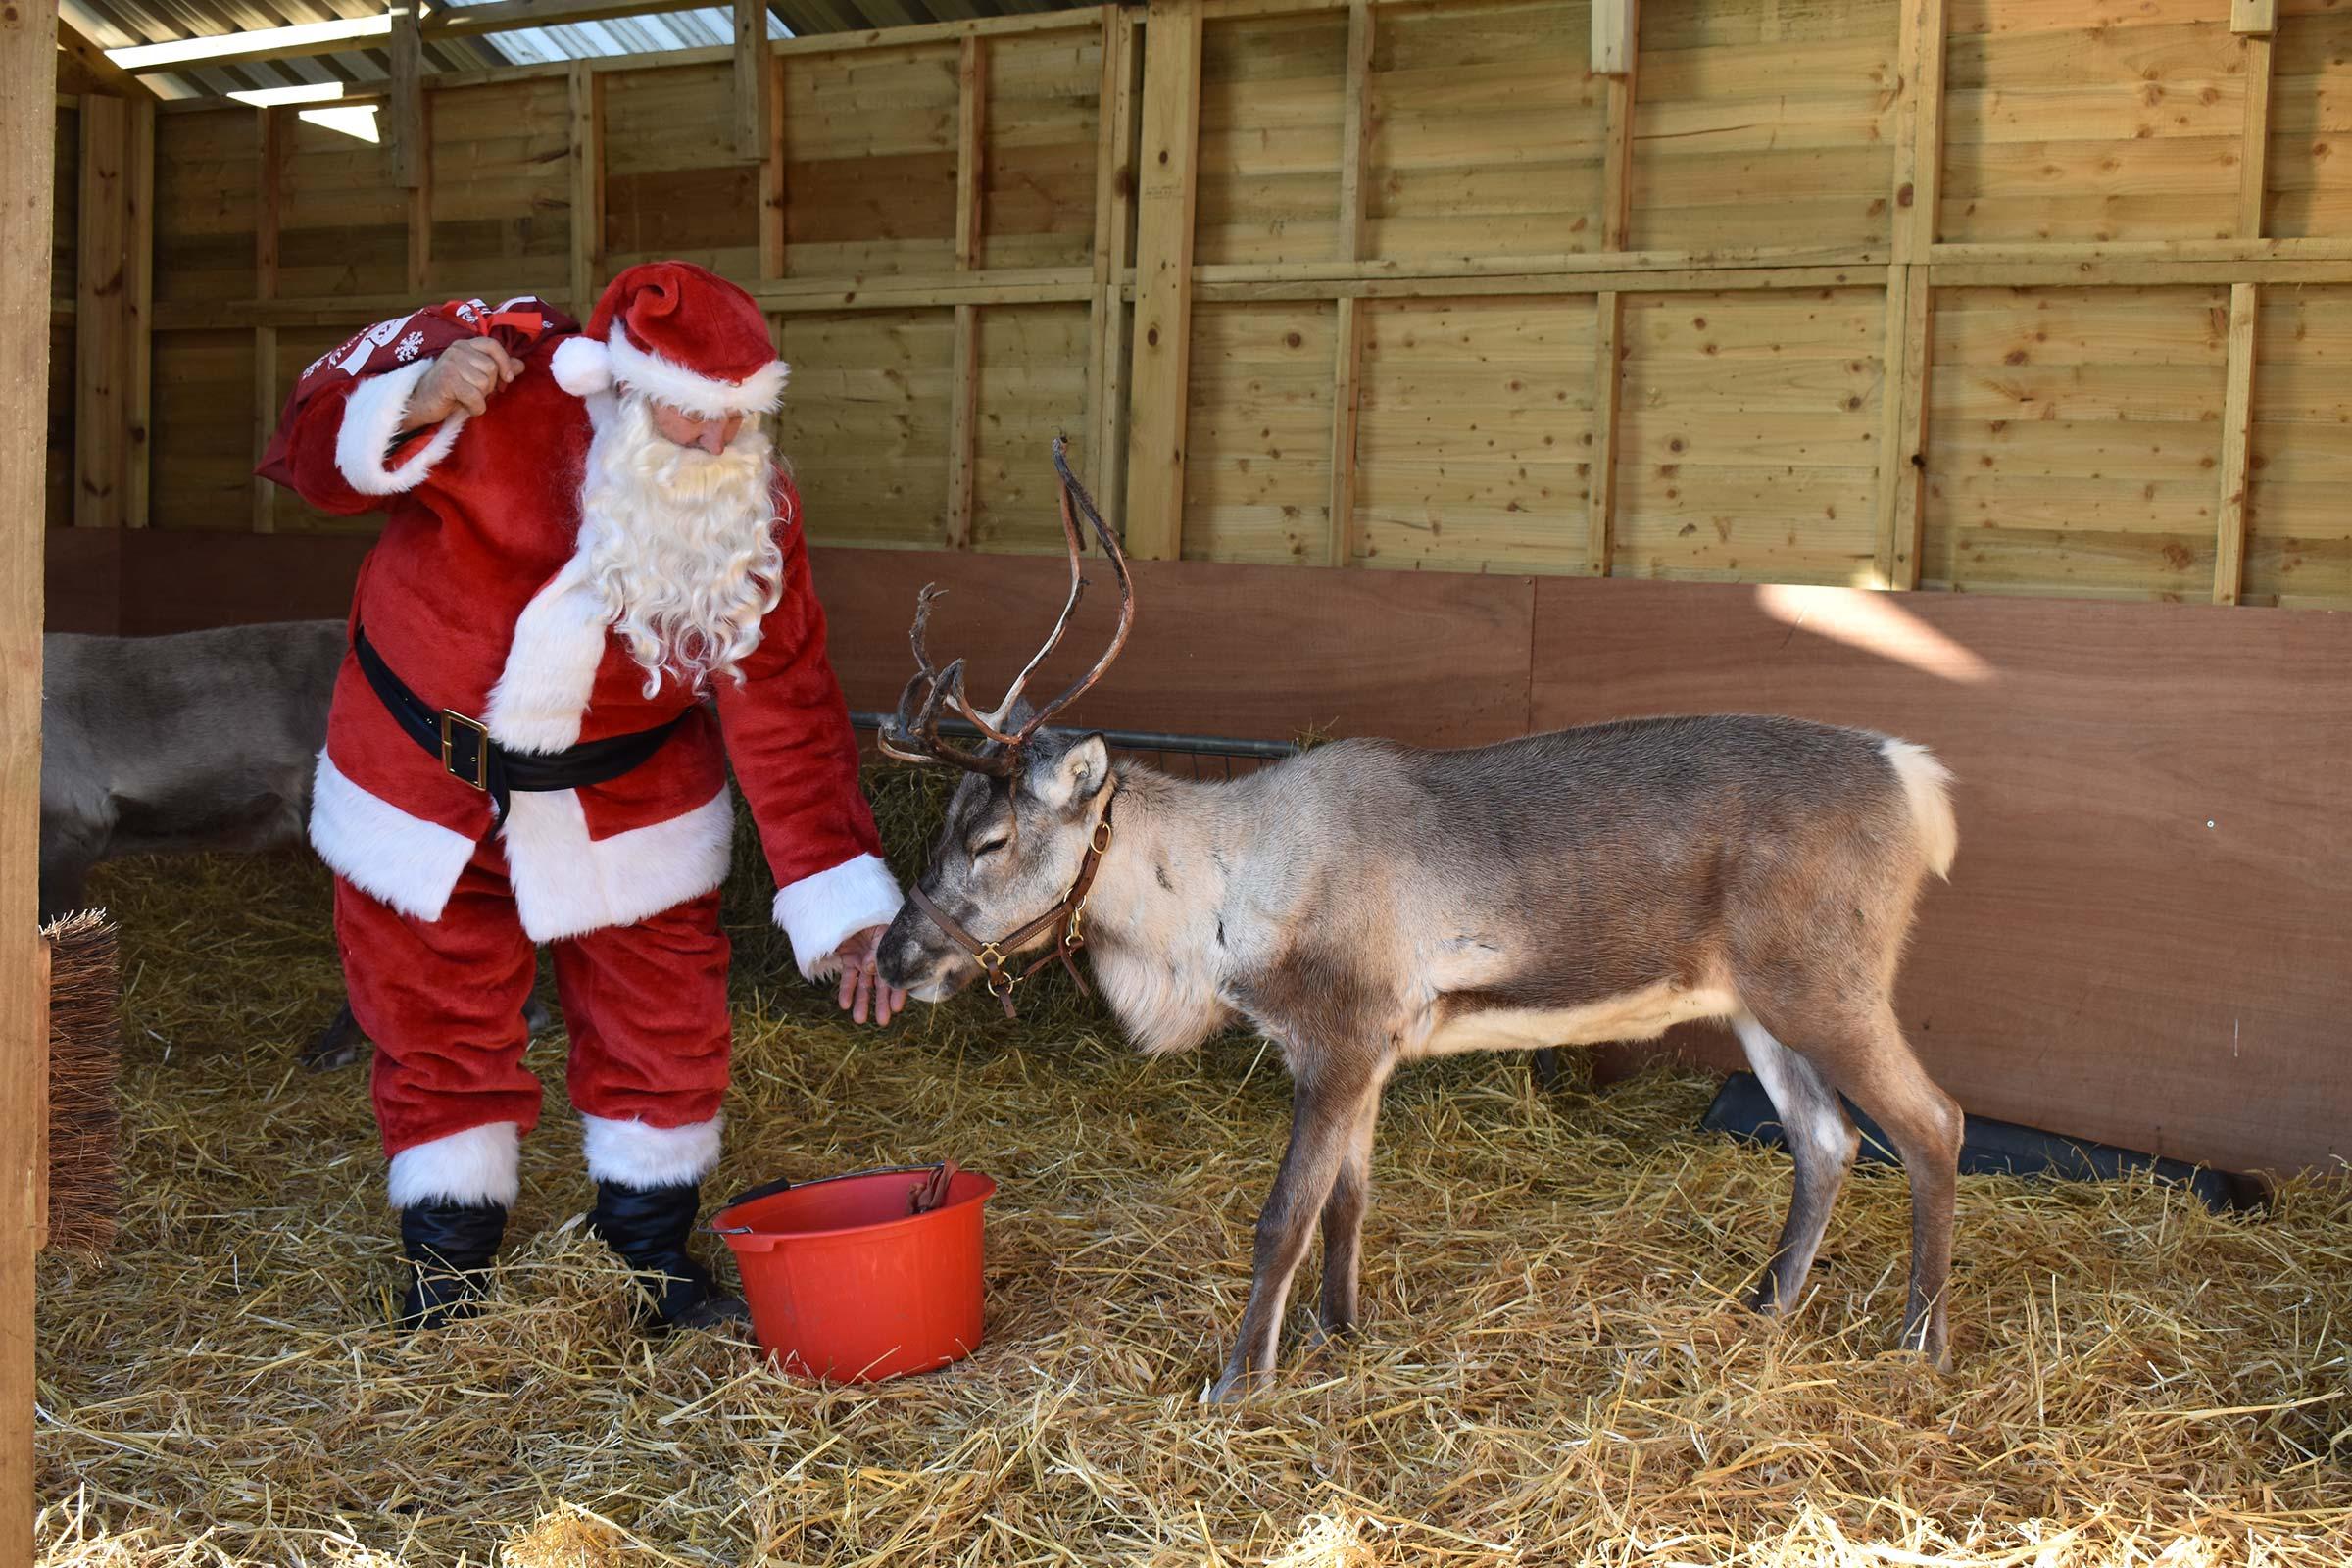 Santa feeding Reindeer